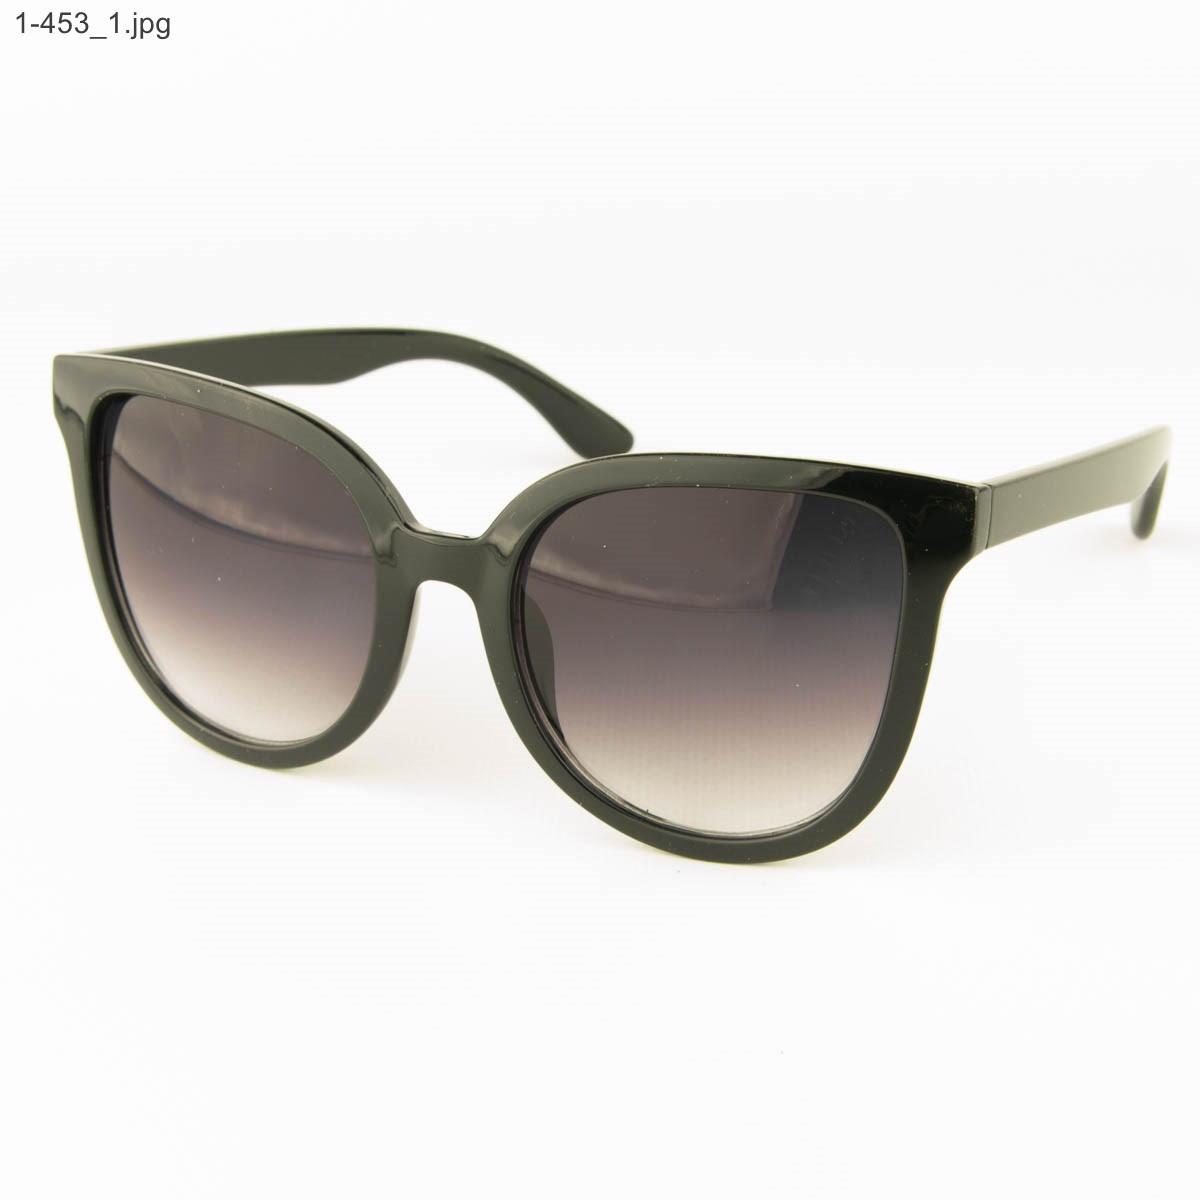 Оптом солнцезащитные женские очки - Черные - 1-453